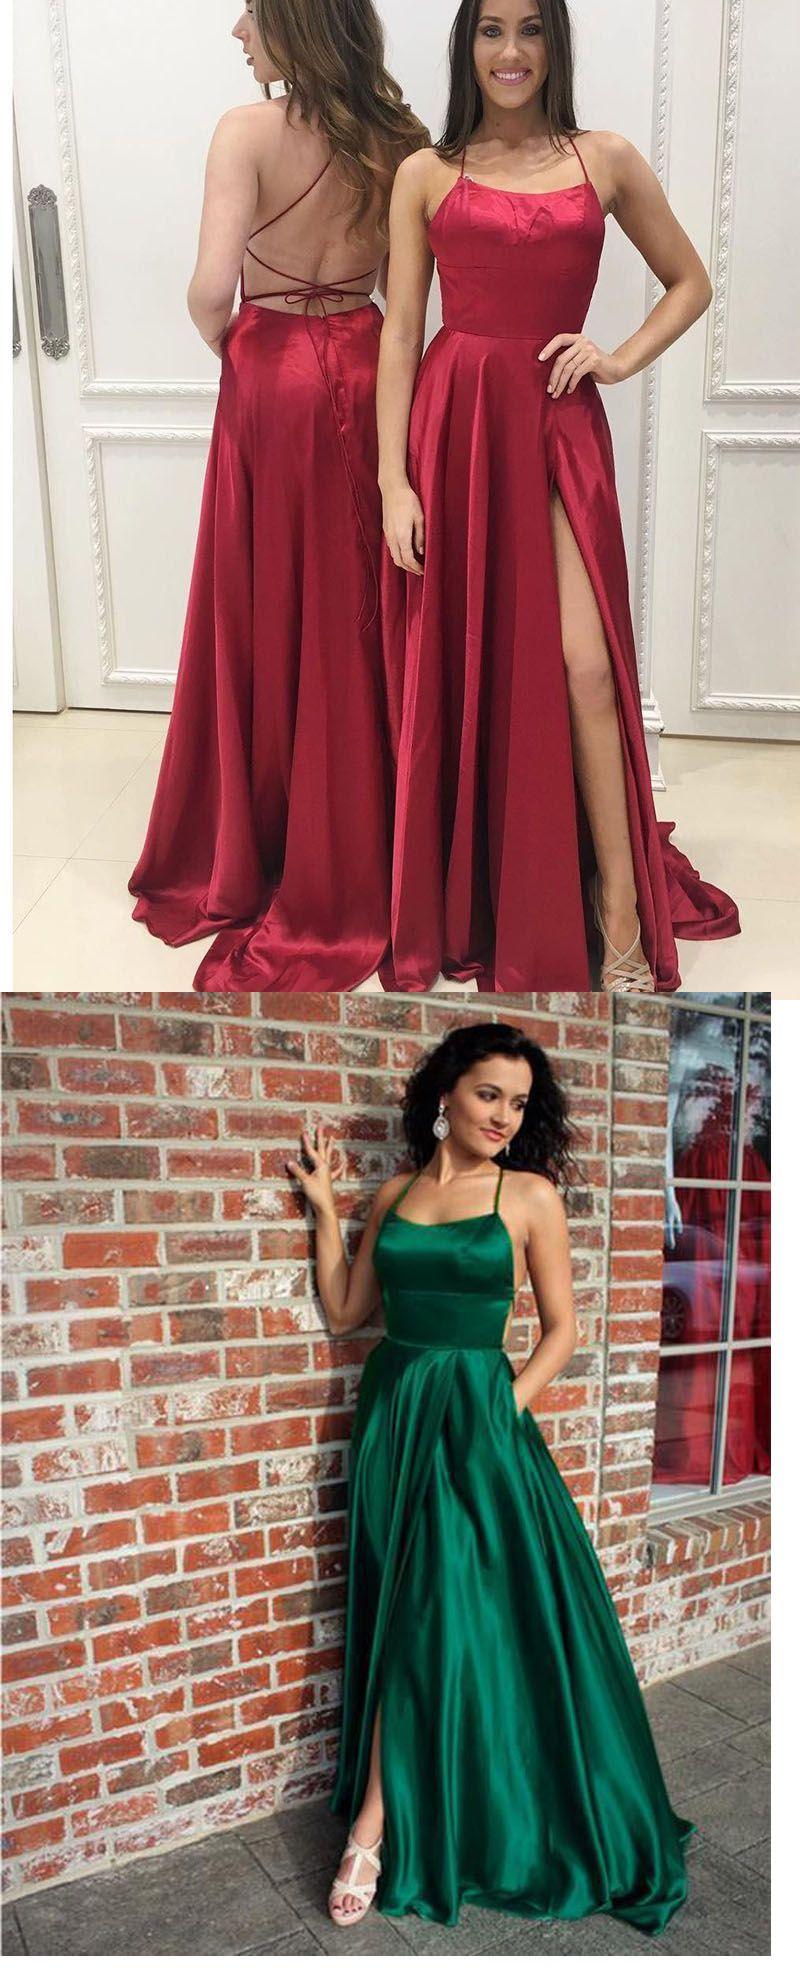 Red bluegreen halter senior prom dresses long sexy slit girls